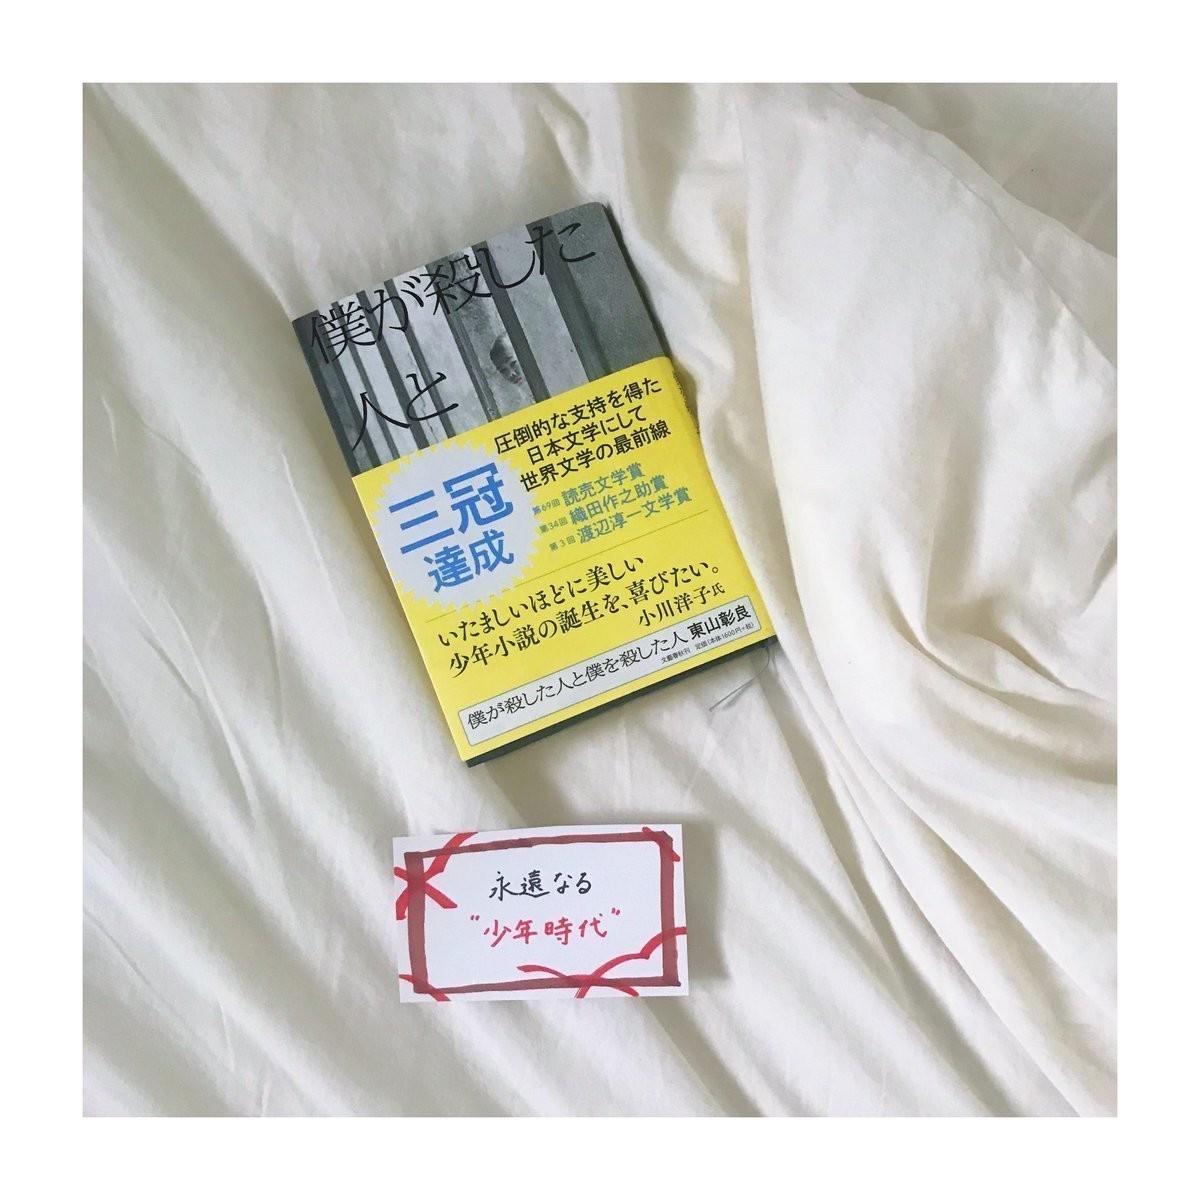 「僕が殺した人と僕を殺した人」東山彰良 読破📚 大人と呼ばれるようになったからといって「大人になれてた」わけじゃない。  いろんな大人がいるけれど、この本の中に描かれた「少年時代」は本当に鮮やかで、誰もが憧れたり経験したり脚色したりしてきた時代を思い出すんじゃないかな🍃